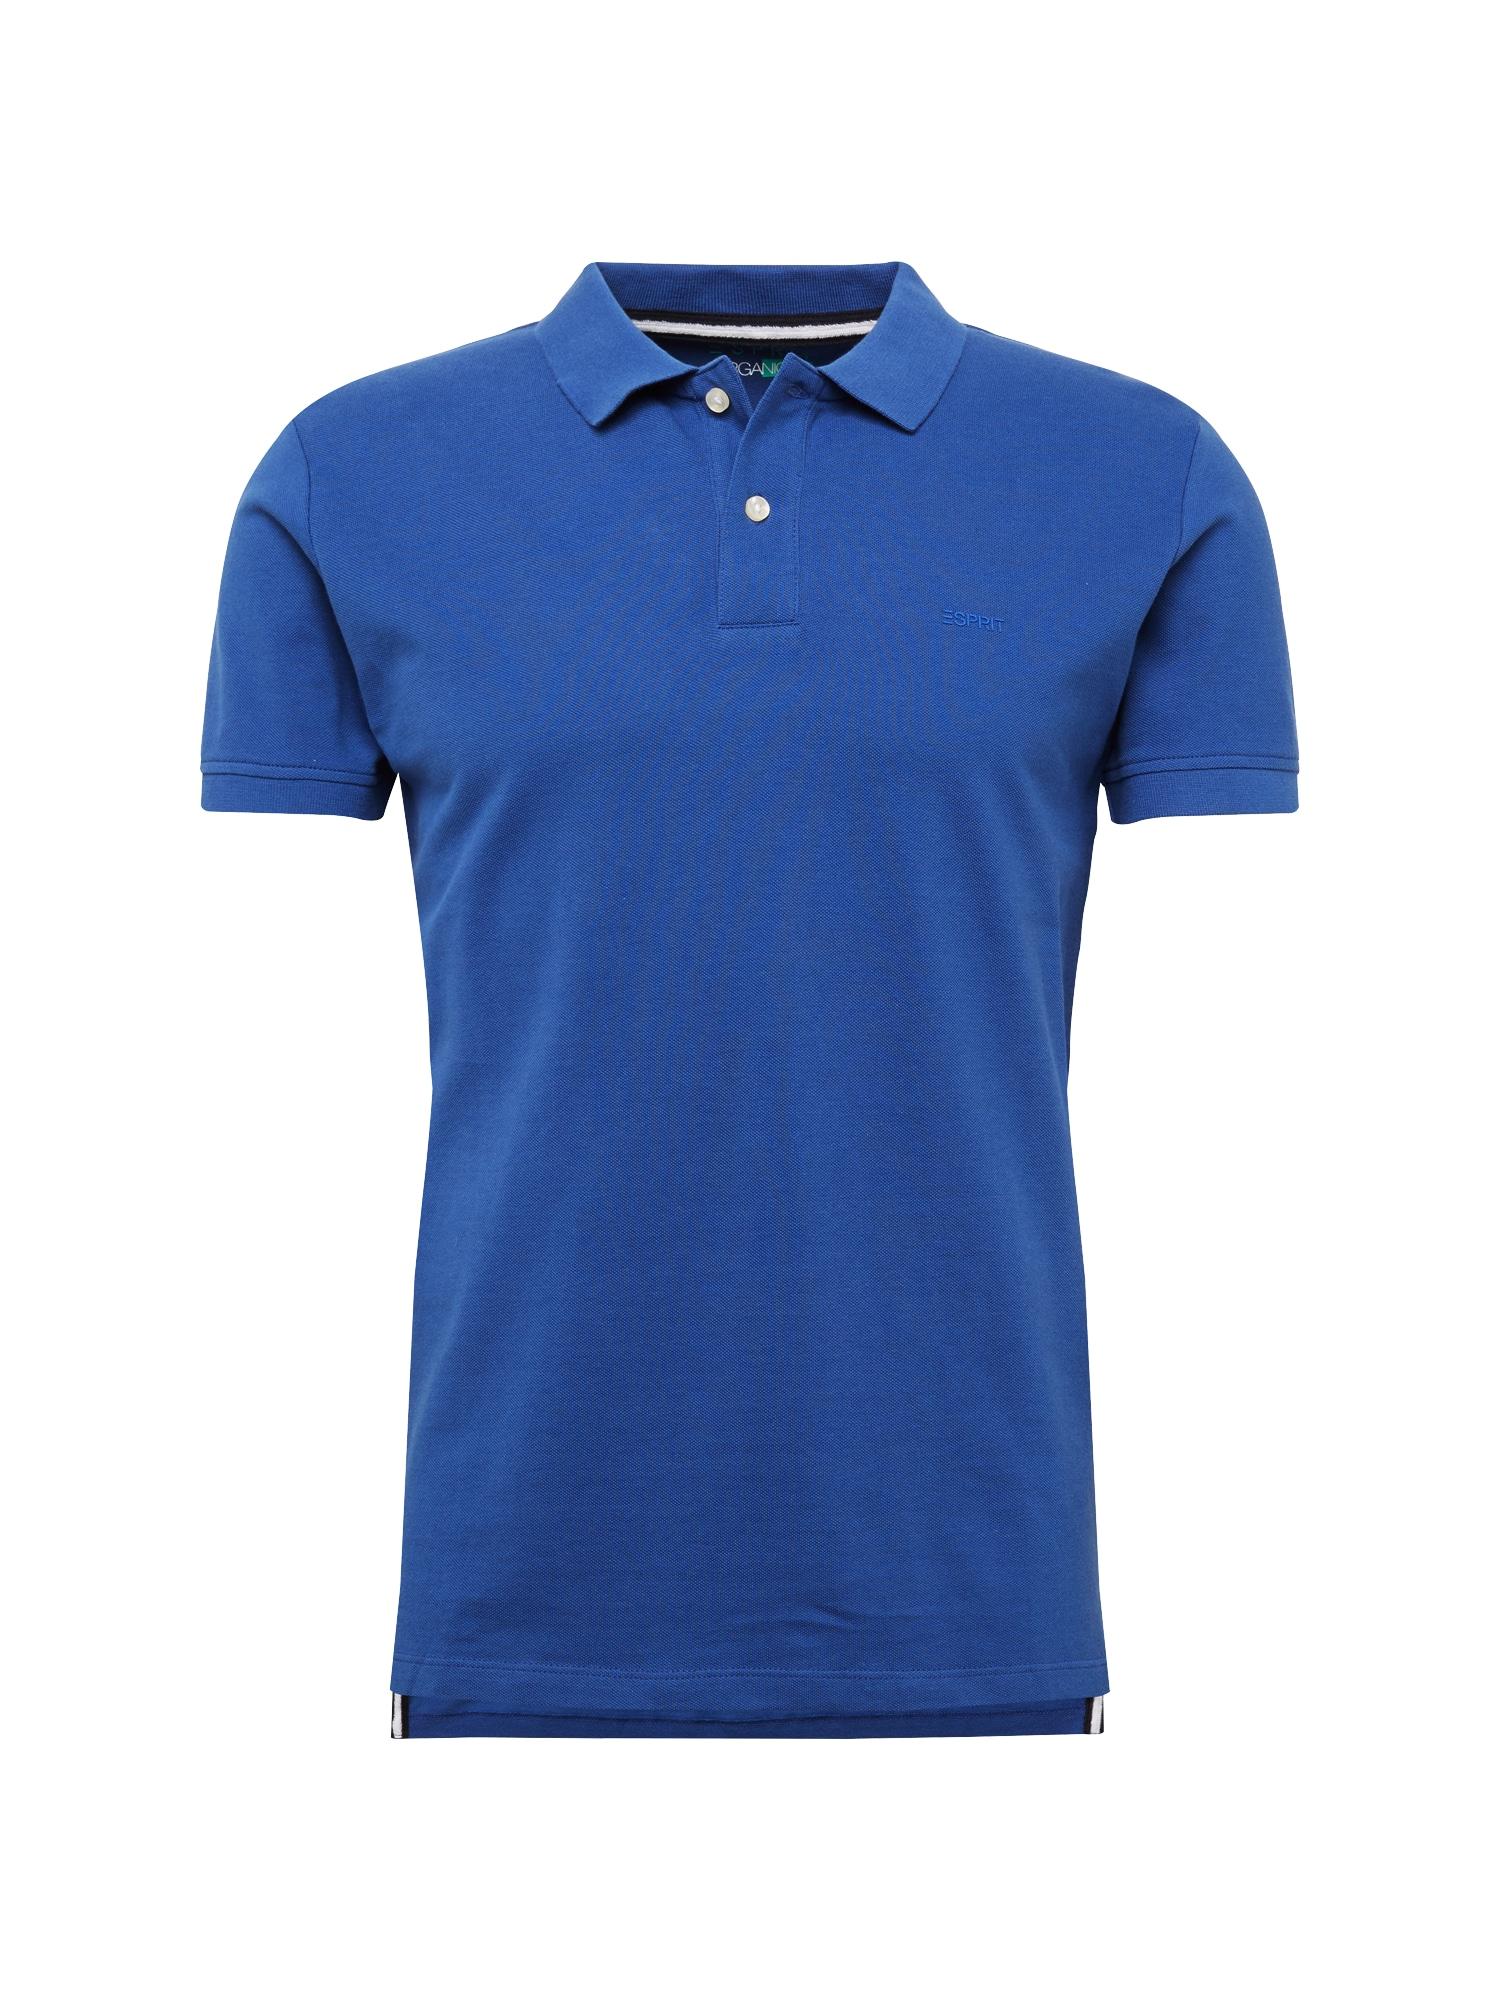 ESPRIT Marškinėliai mėlyna